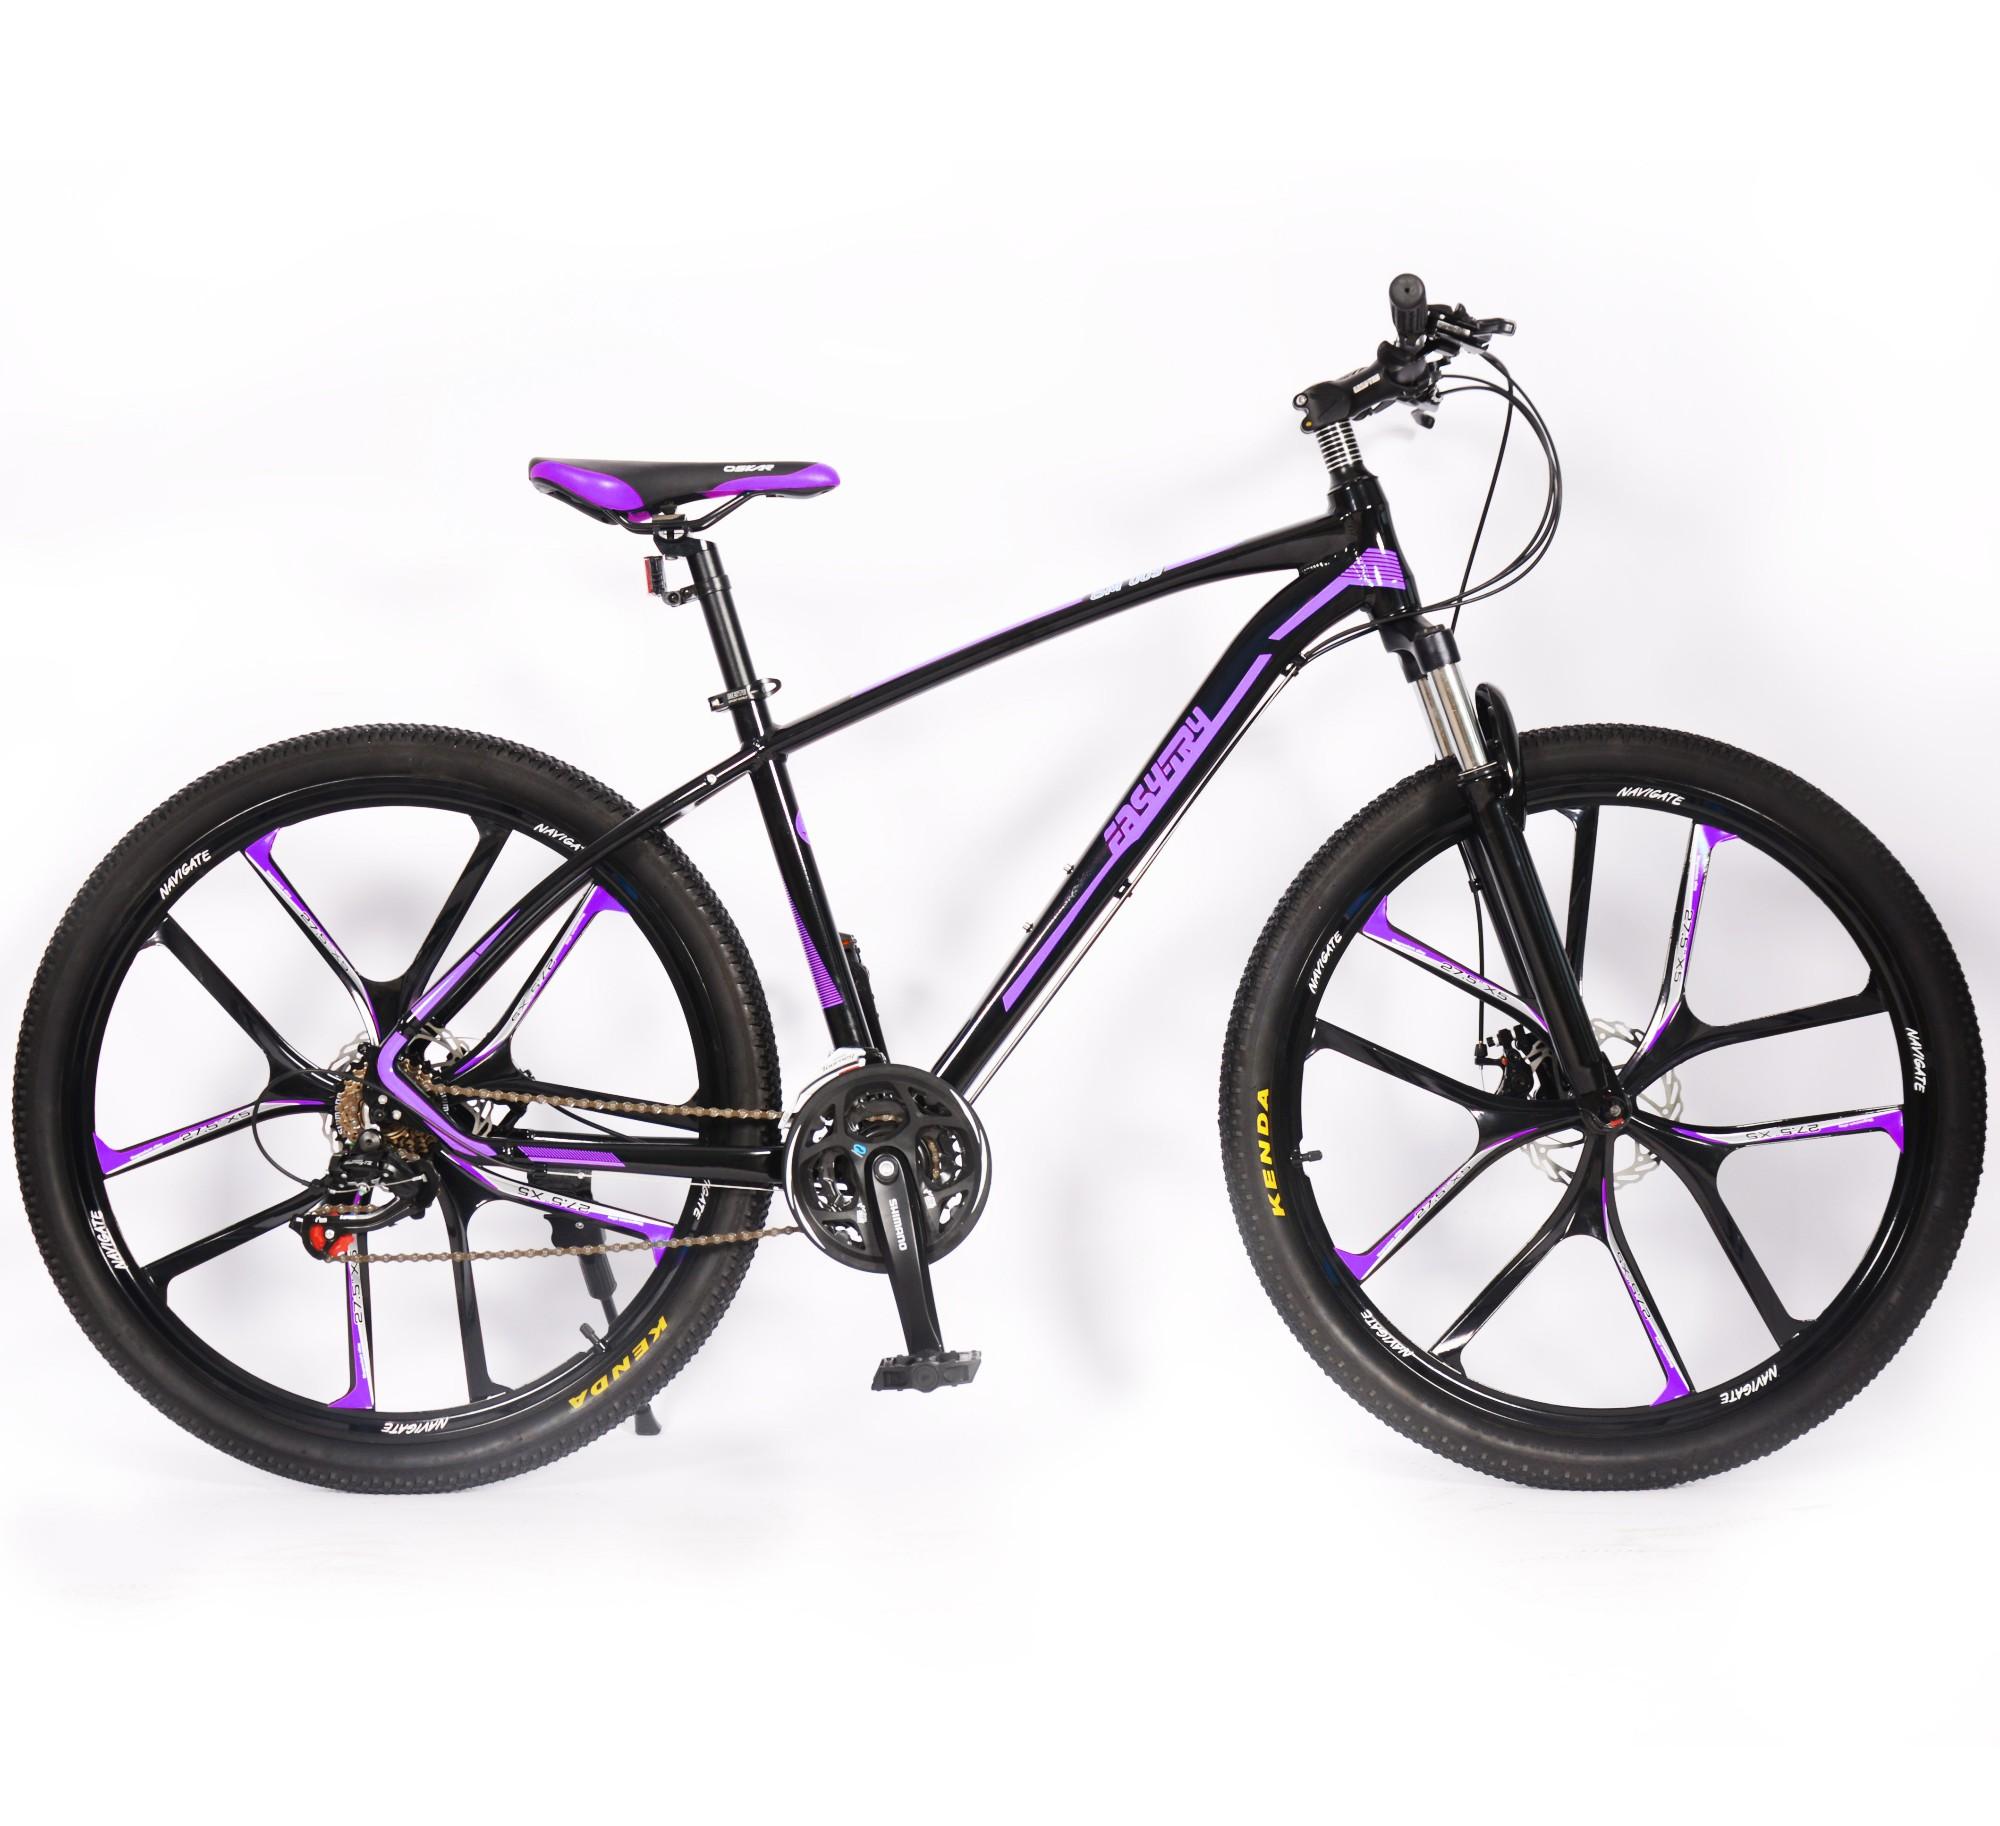 Bicicleta de montaña con borde de aleación de aluminio de 27.5er y 16 velocidades